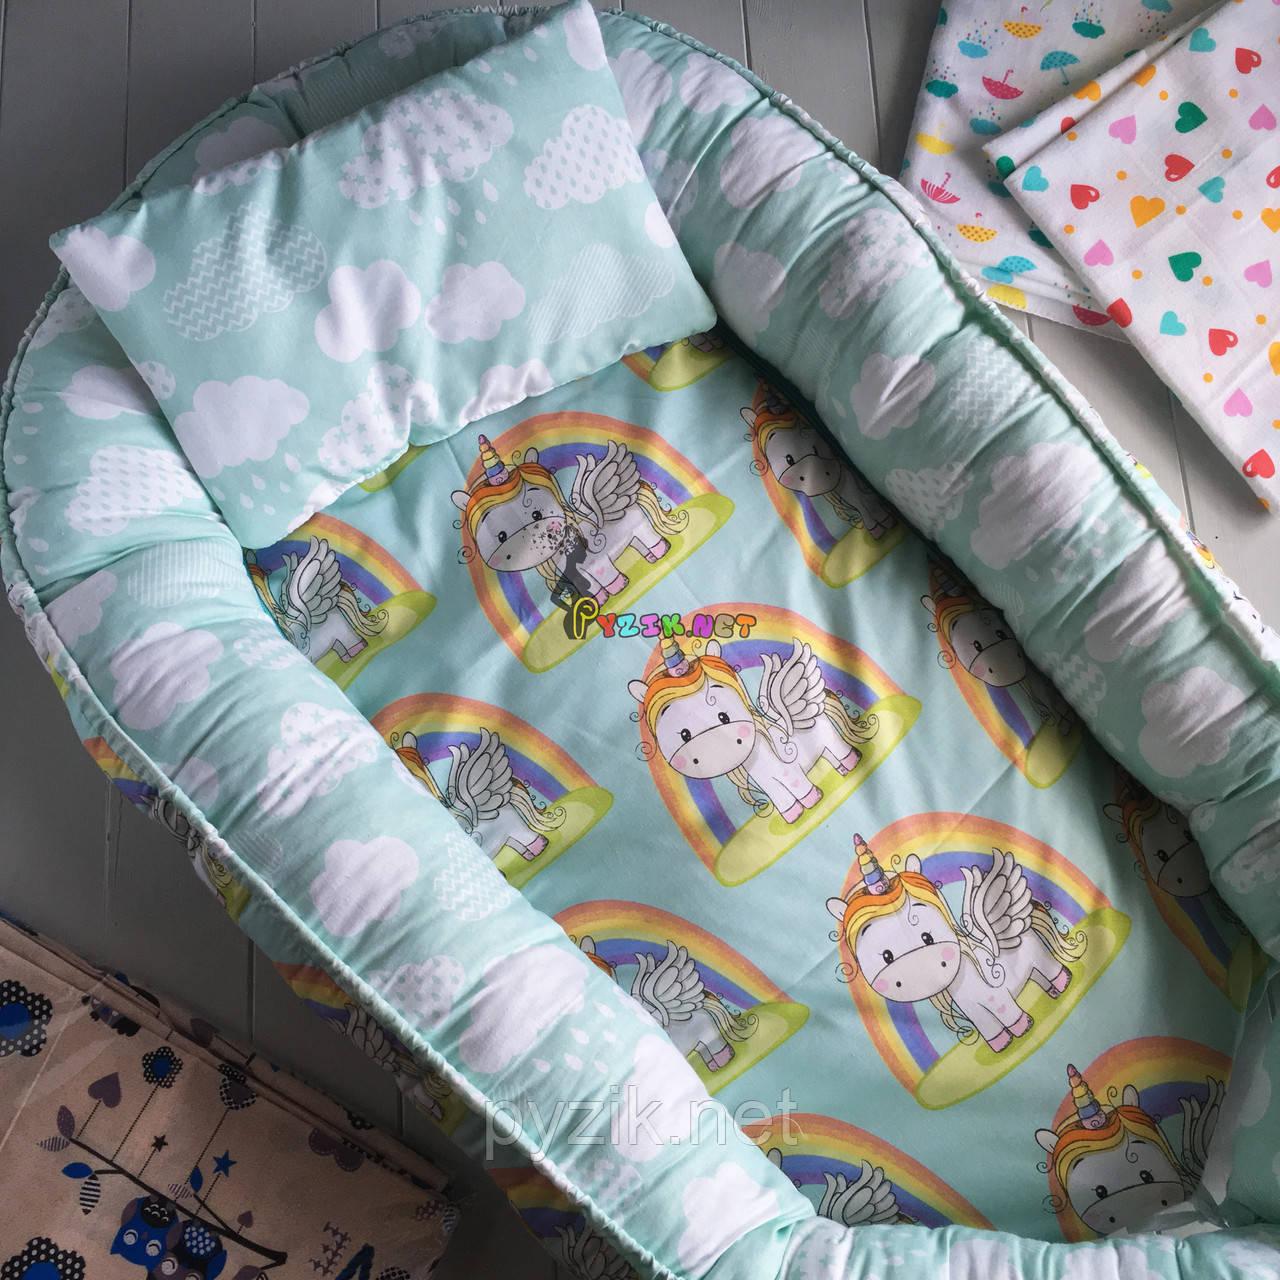 Гнездо-кокон двухстороннее 90Х45 см (подушка для беременной, подушка для кормления) +подушка Единороги/Облака